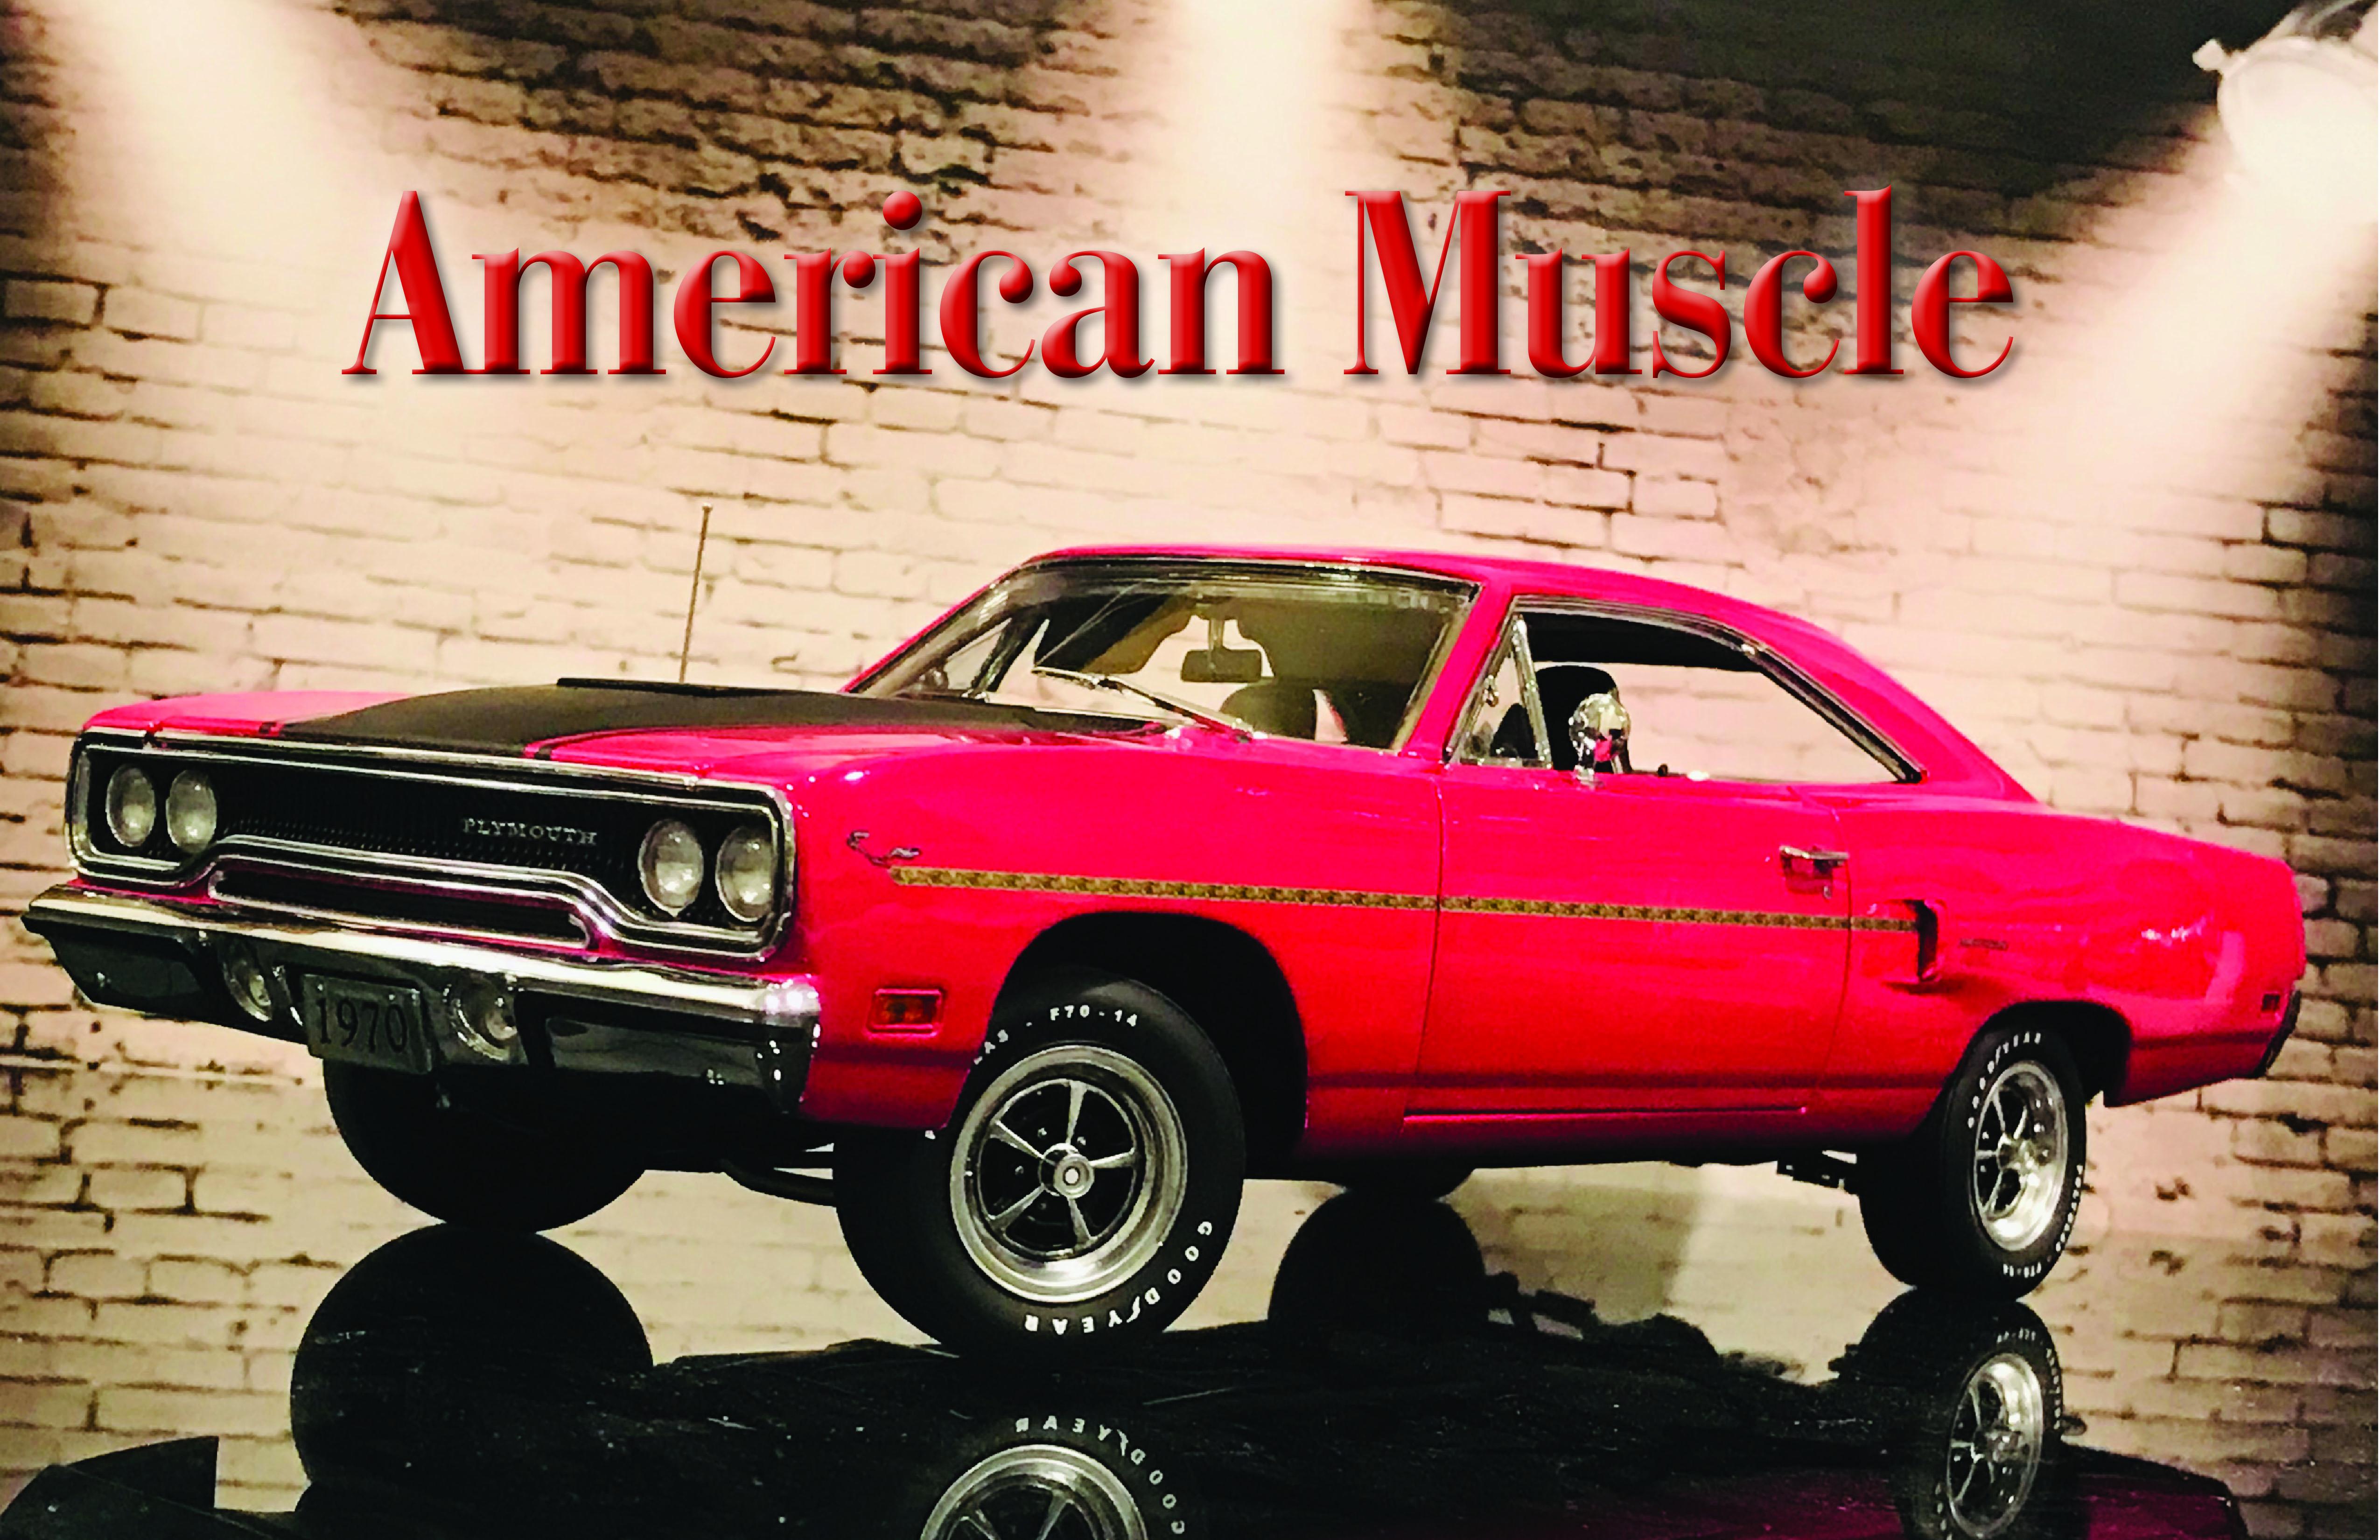 AmericanMuscleRoadRunner